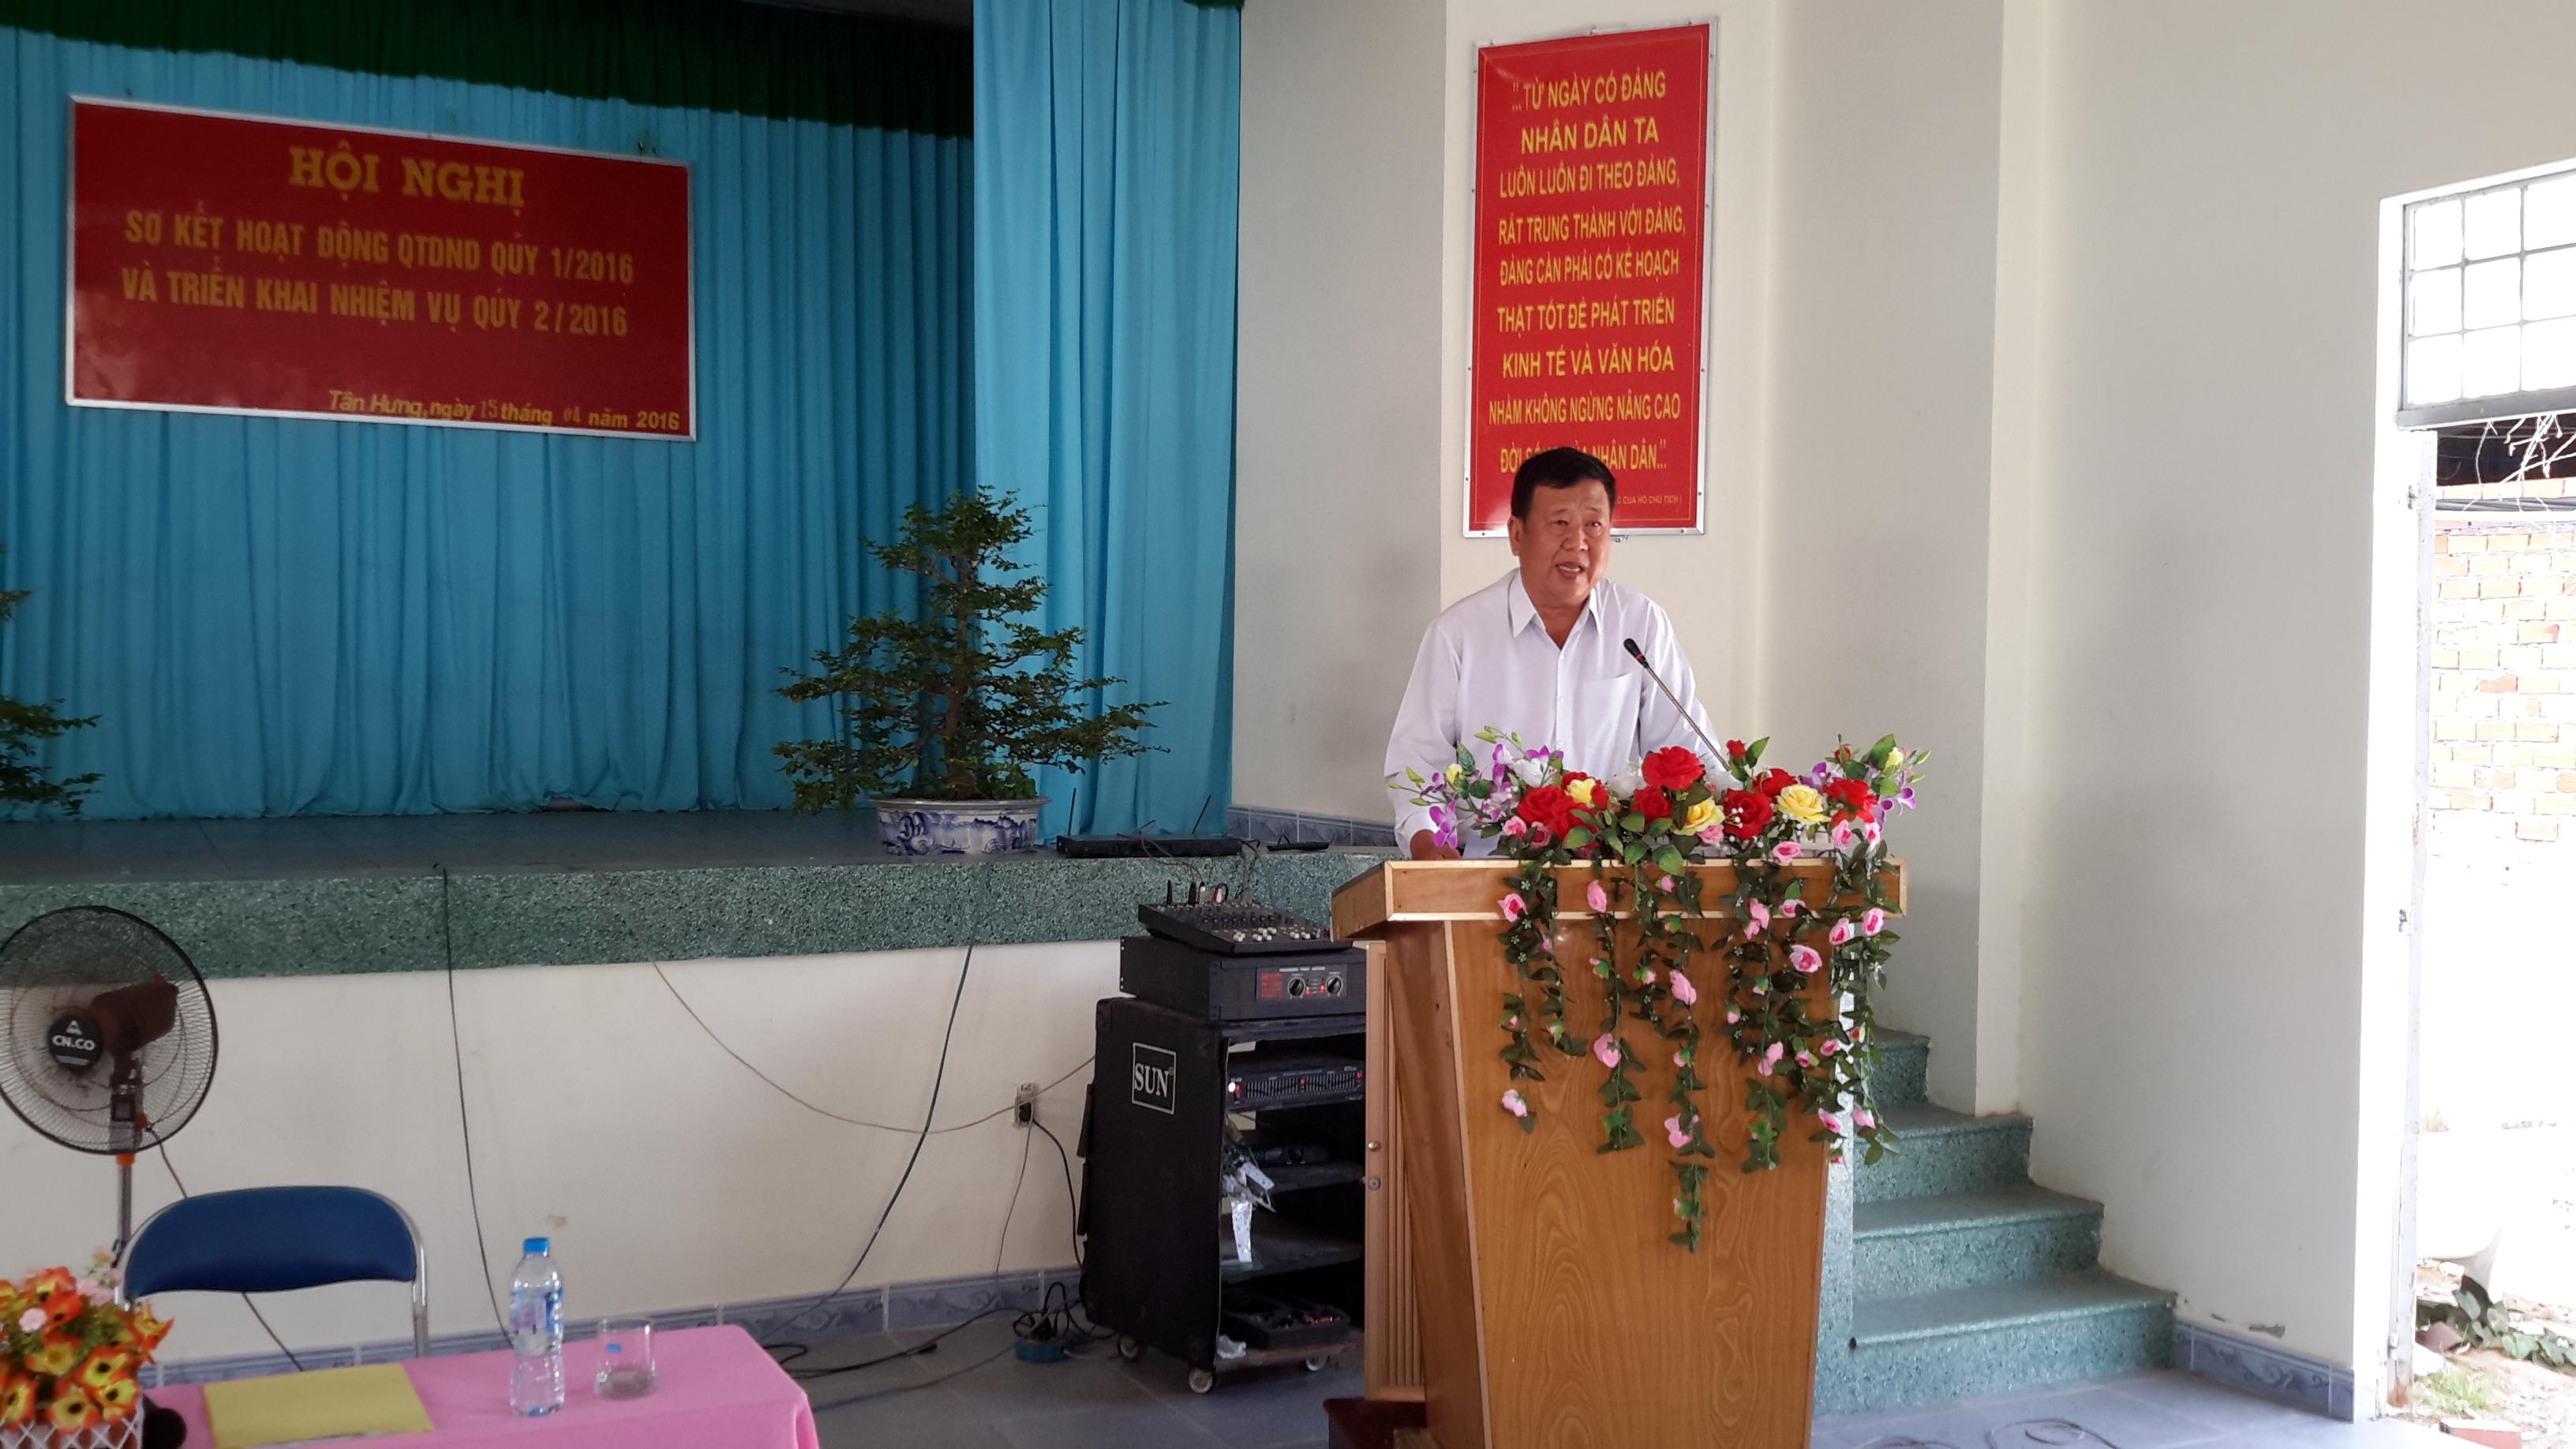 Ông Võ Thanh Nhã phát biểu chỉ đạo tại Hội nghị